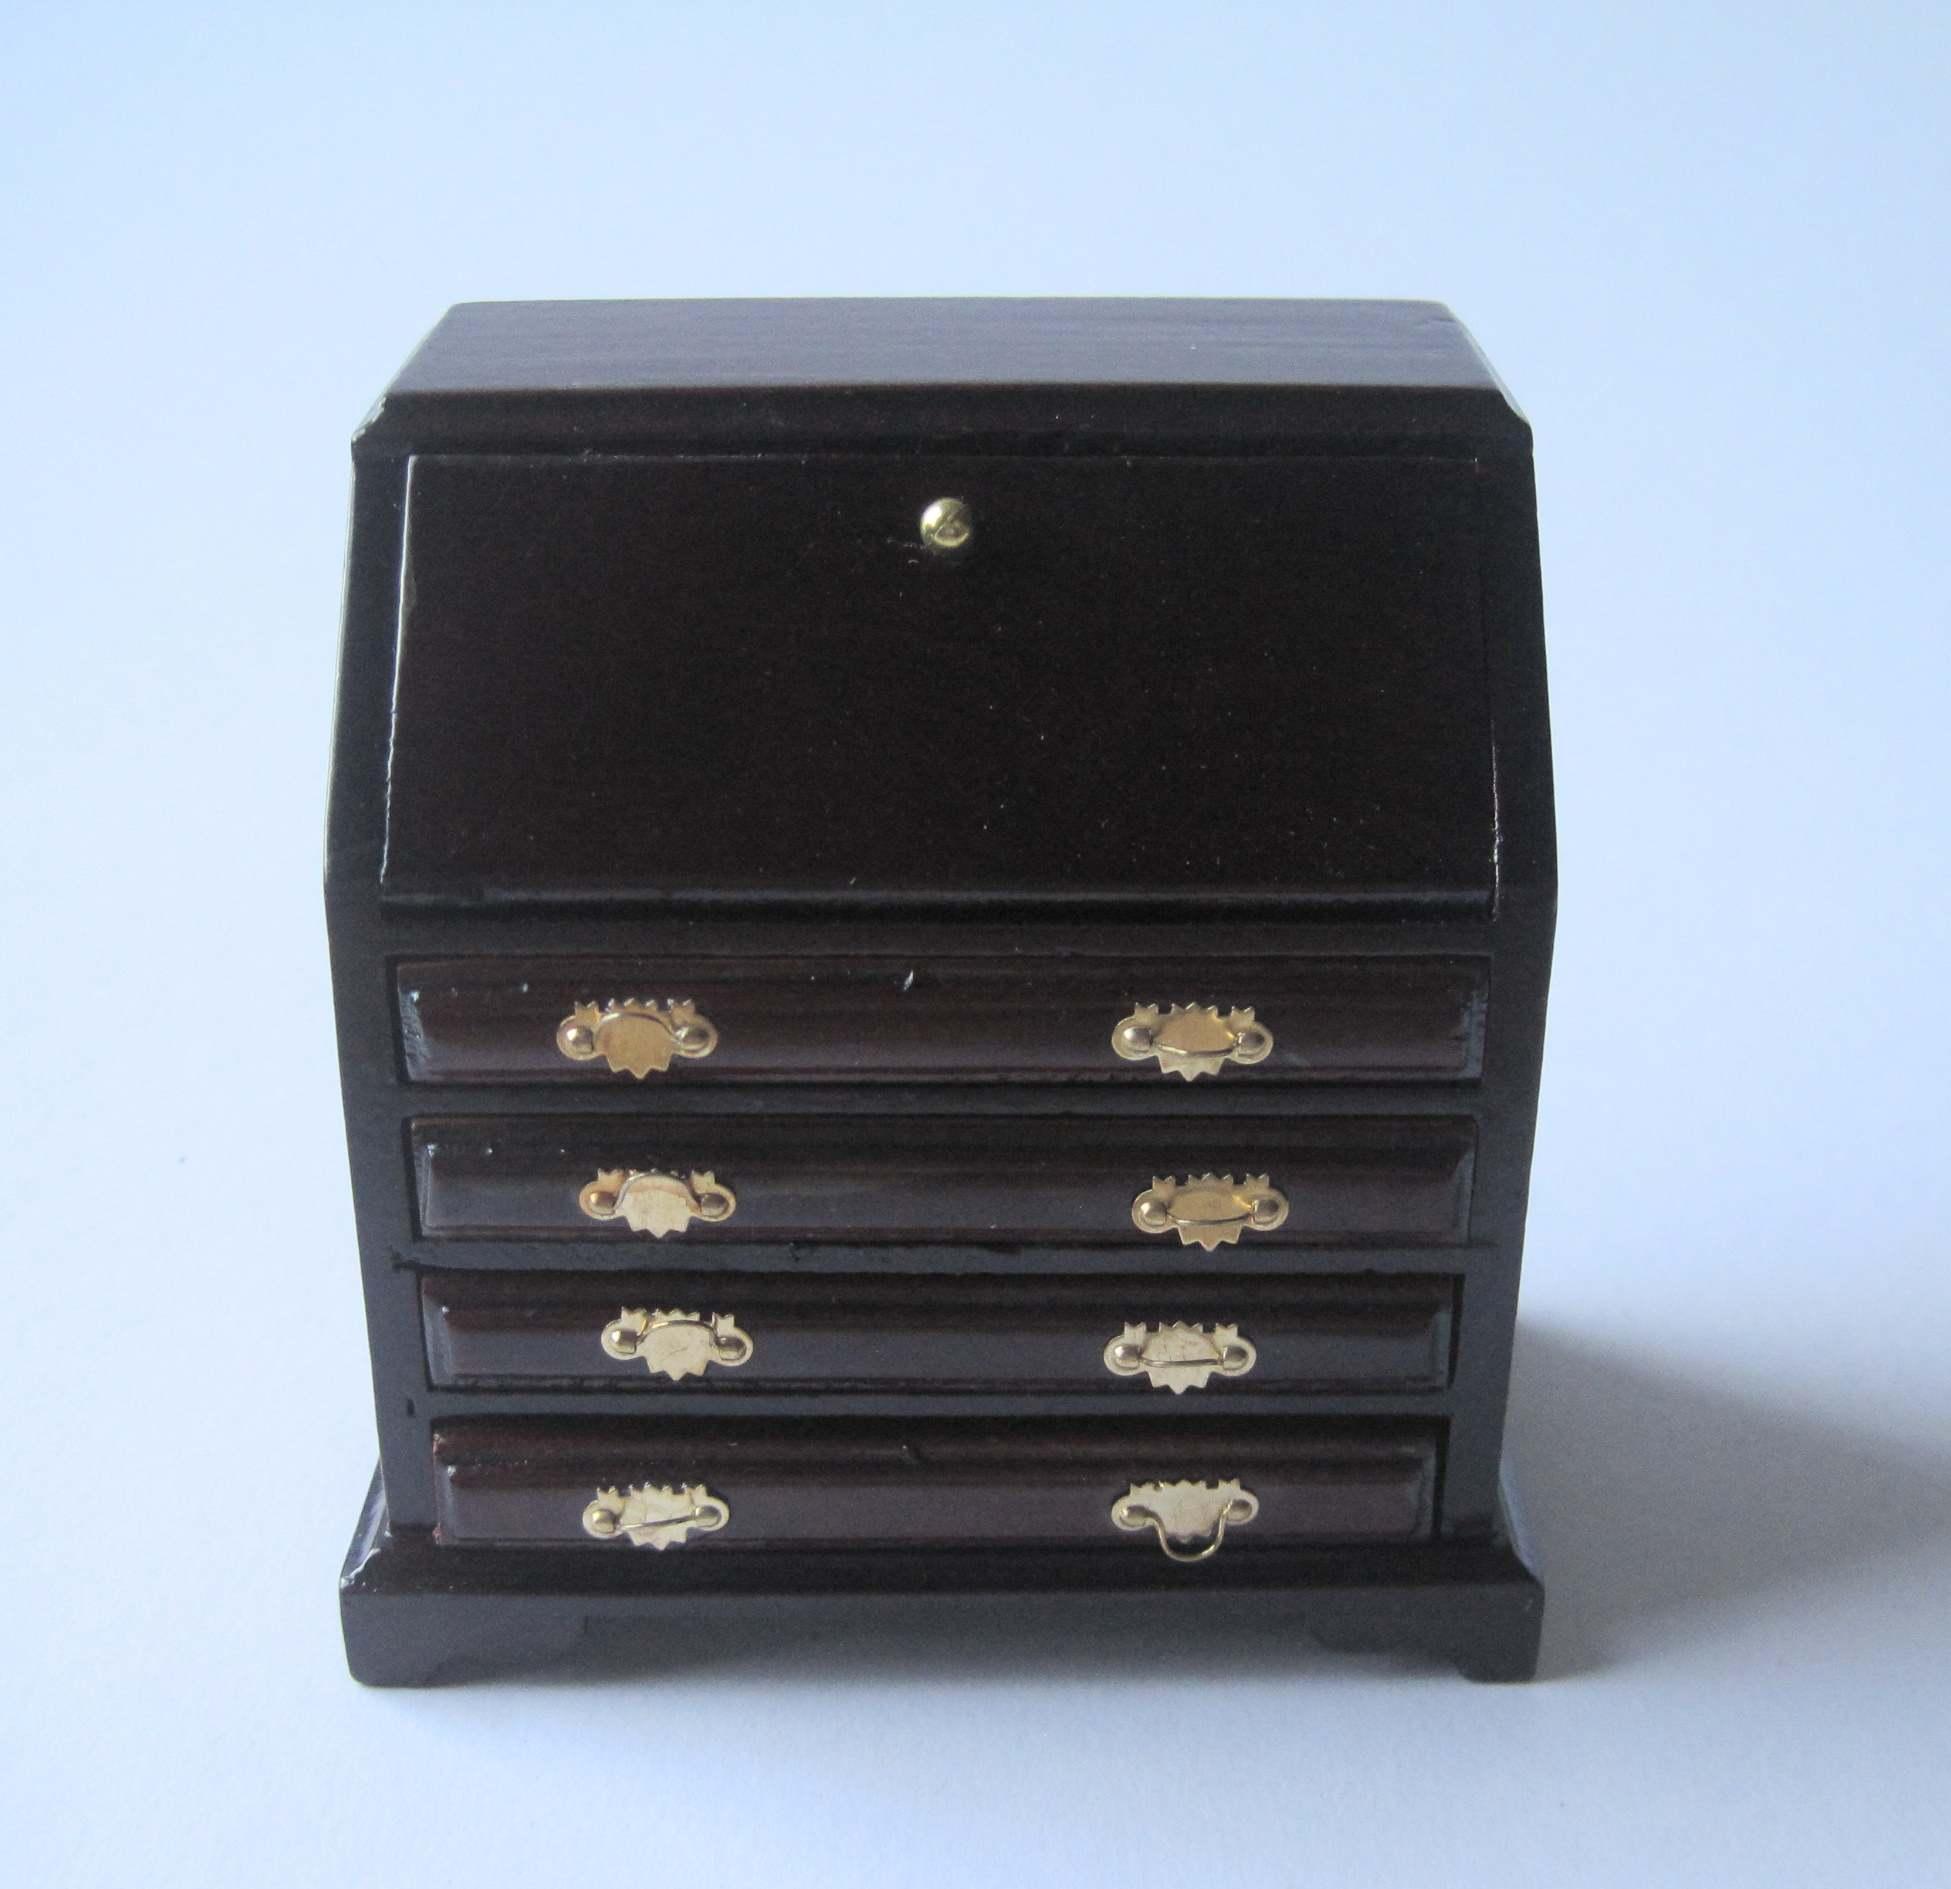 sekret r schreibtisch mahagoni puppenhaus m bel wohnzimmer miniatur 1 12 lafeo. Black Bedroom Furniture Sets. Home Design Ideas